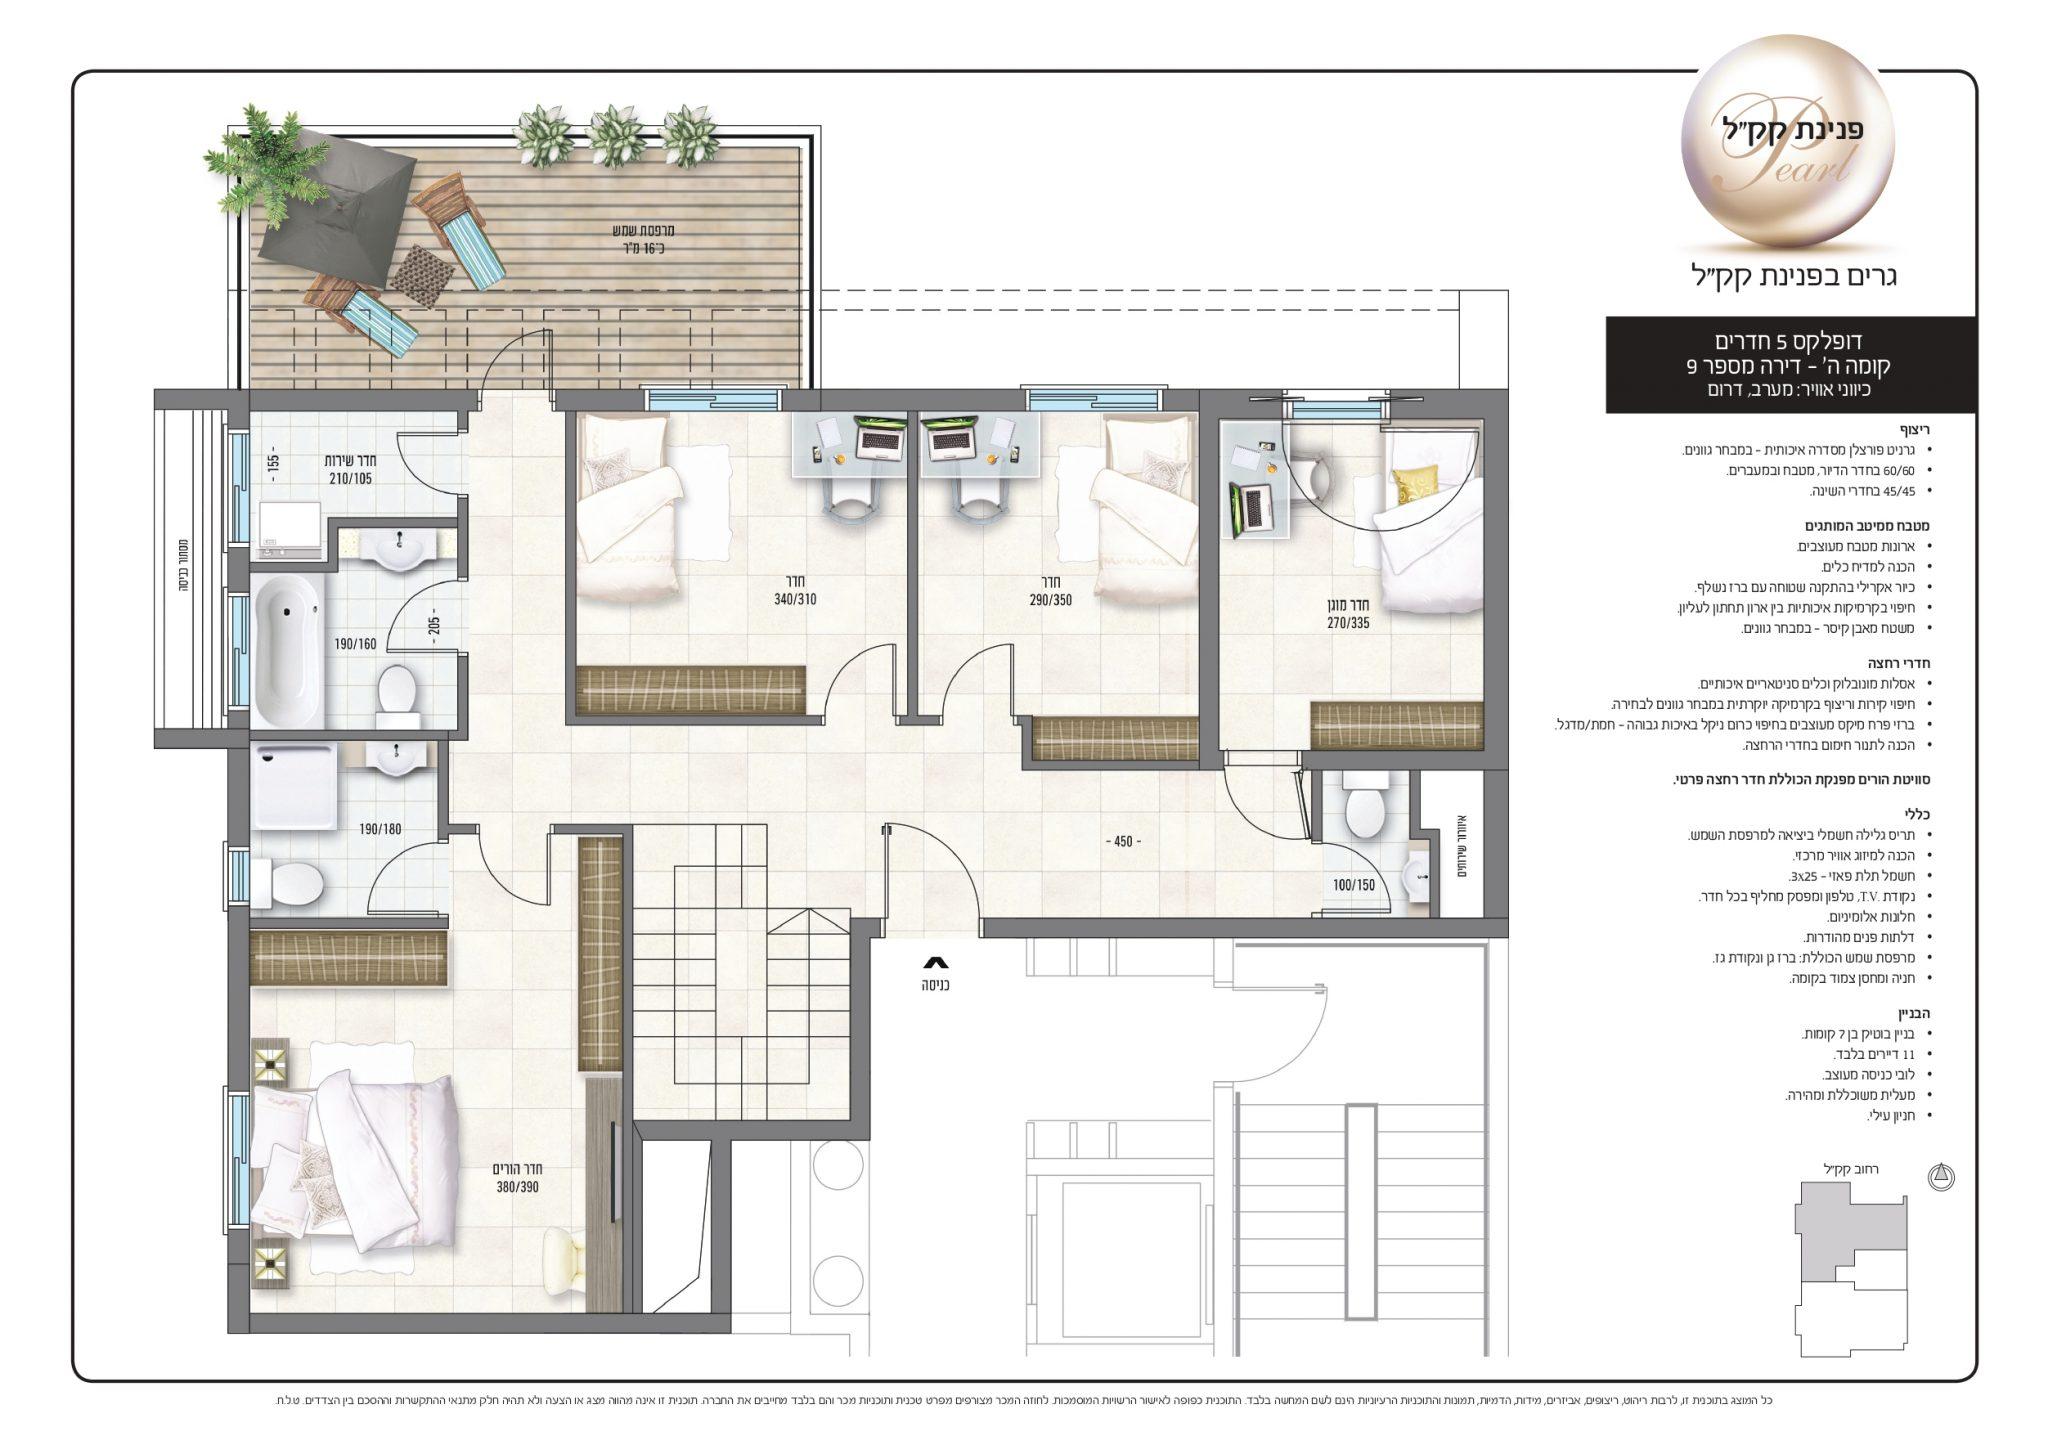 דופלקס 5 חדרים דירה מספר 9 קומה 5